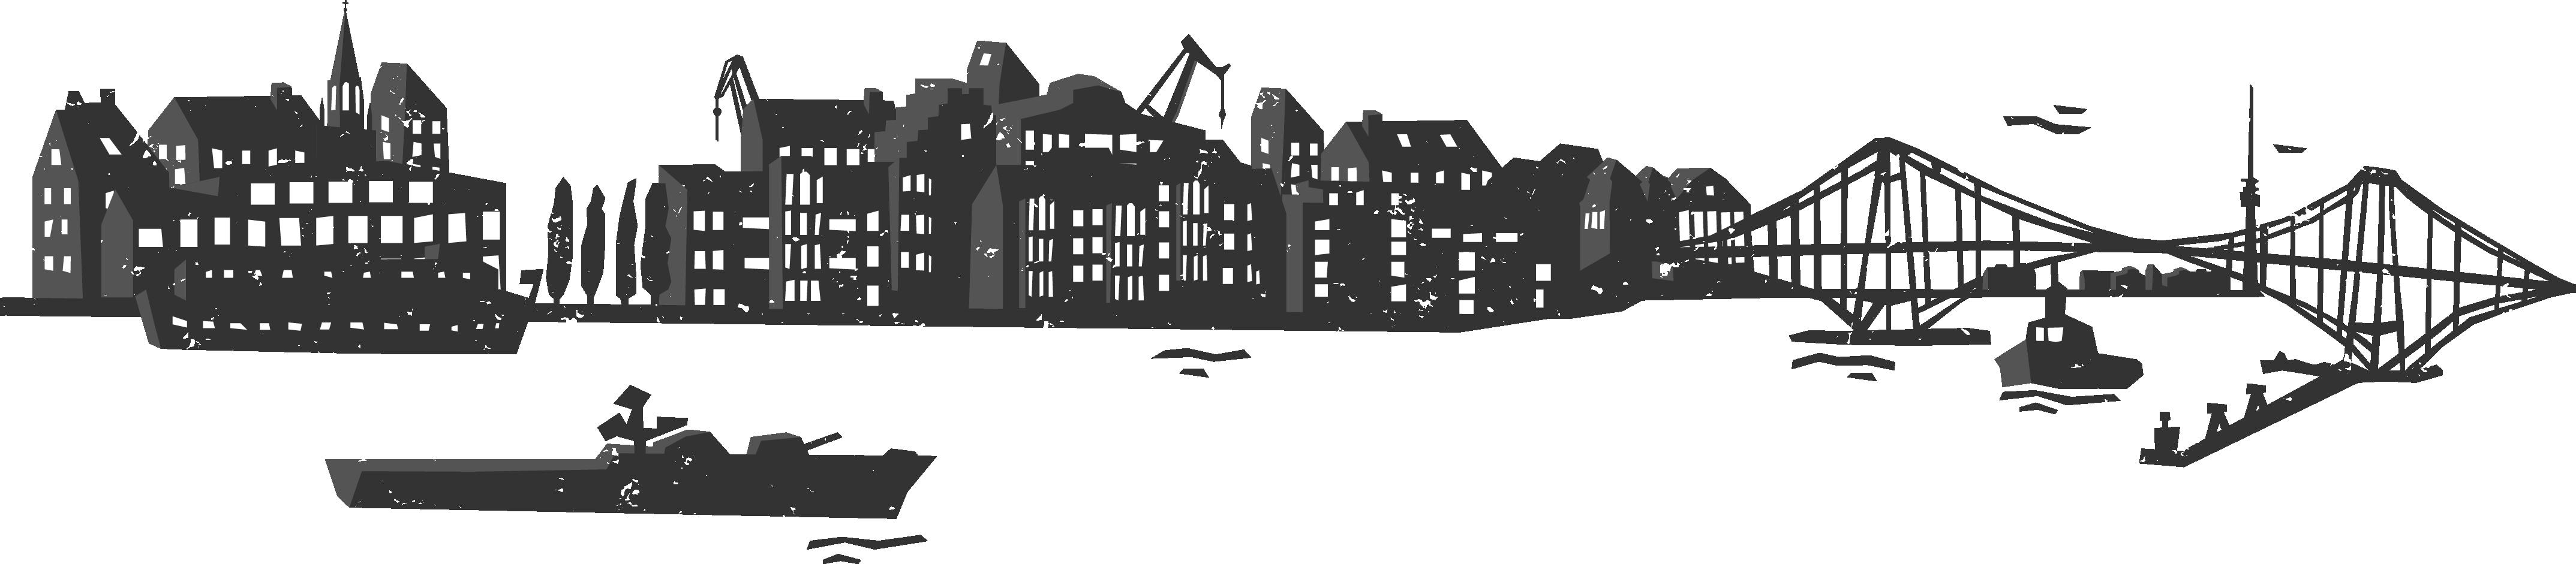 Silhouette Stadt Wilhelmshaven